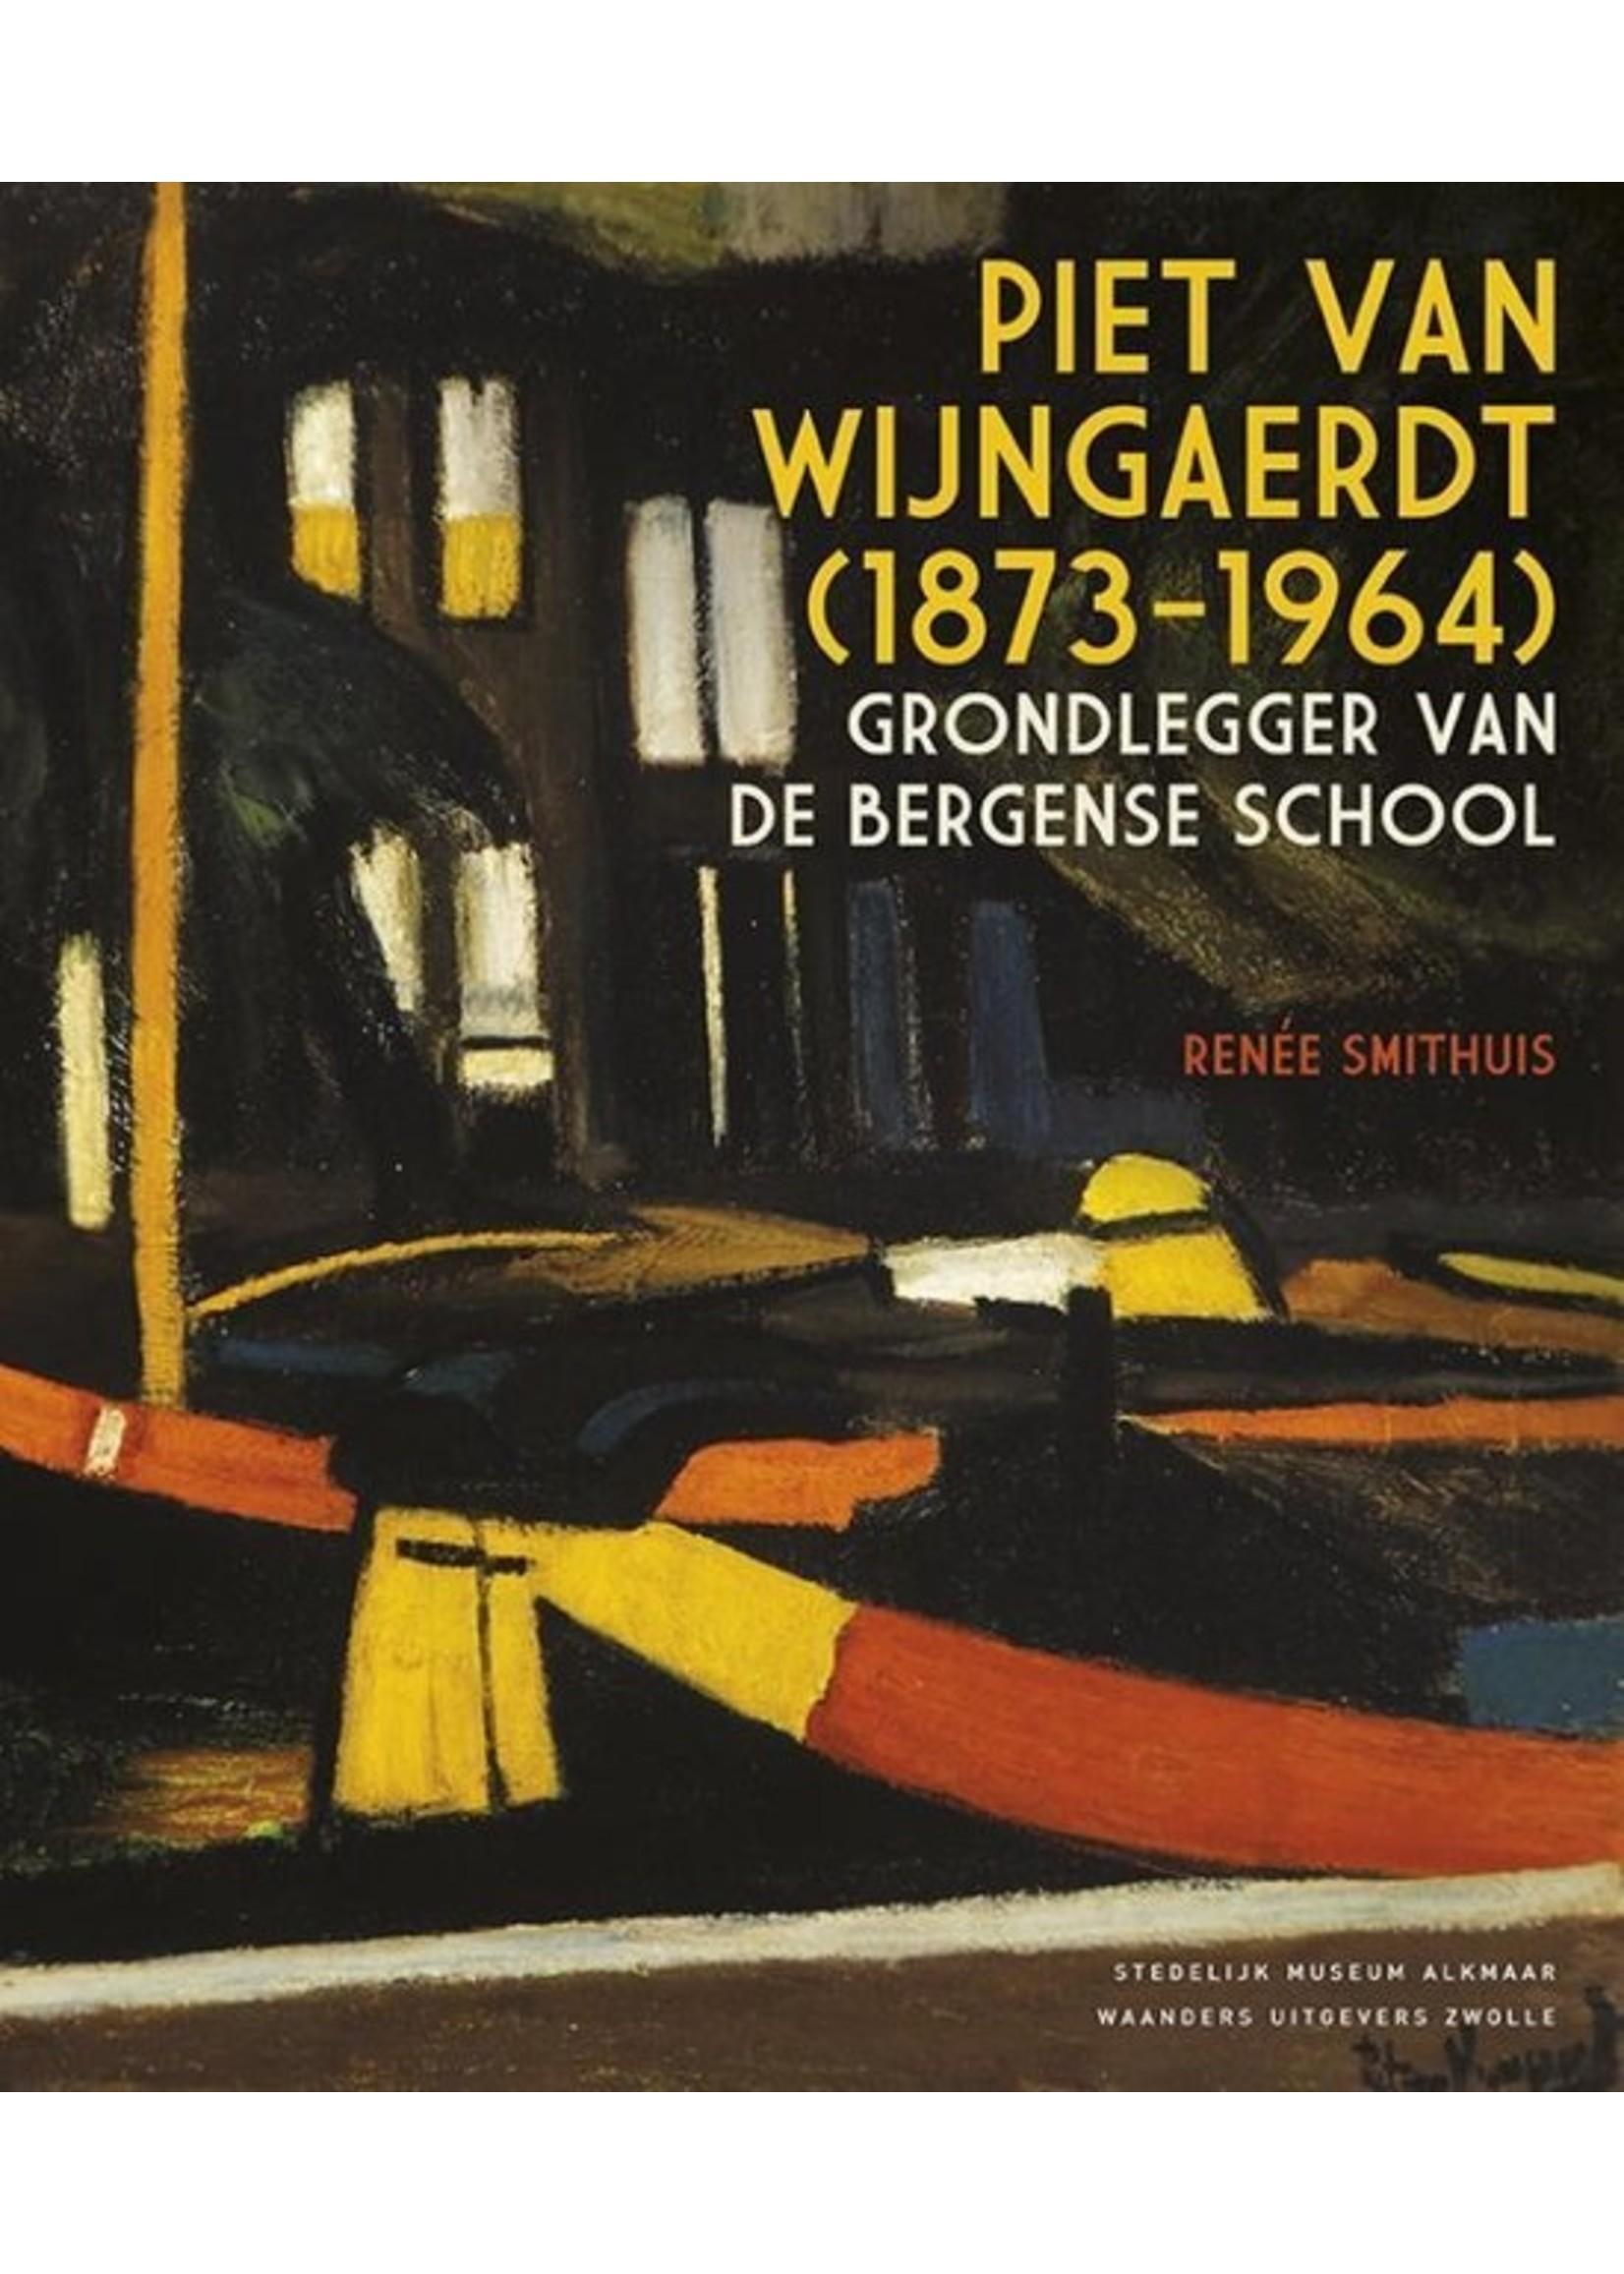 Grondlegger van de Bergense School Piet van Wijngaerdt